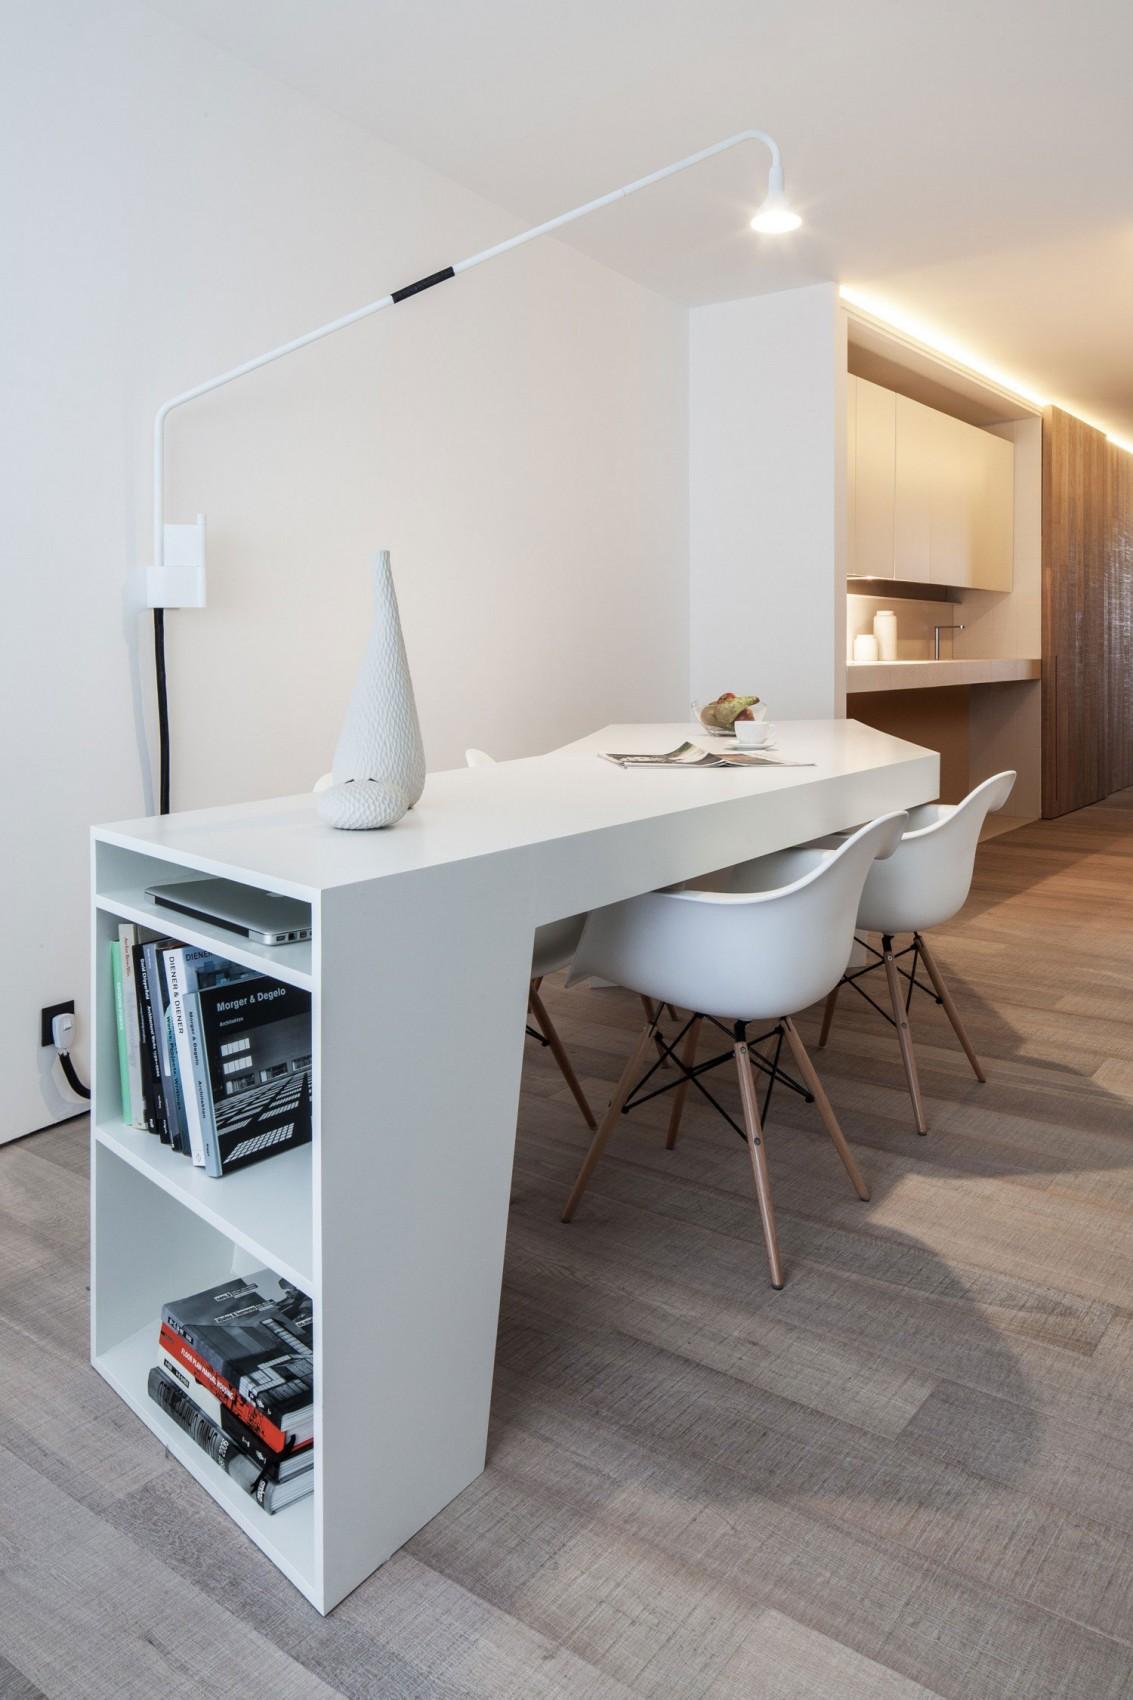 简约北欧风公寓装修餐桌效果图